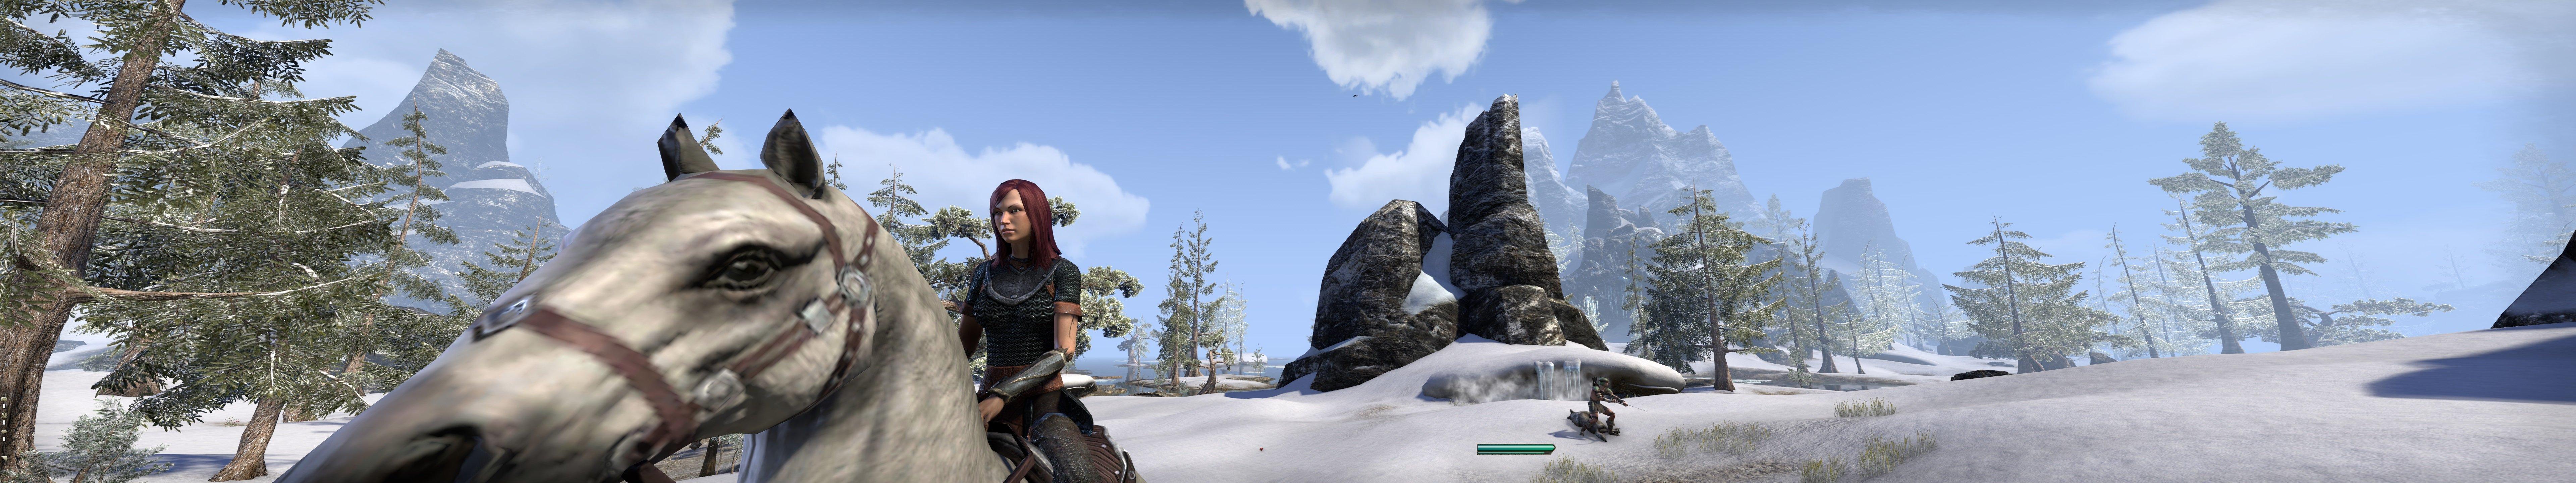 Пачка скриншотов из The Elder Scrolls Online на максимальных настройках в разрешении 7680x1440 - Изображение 3